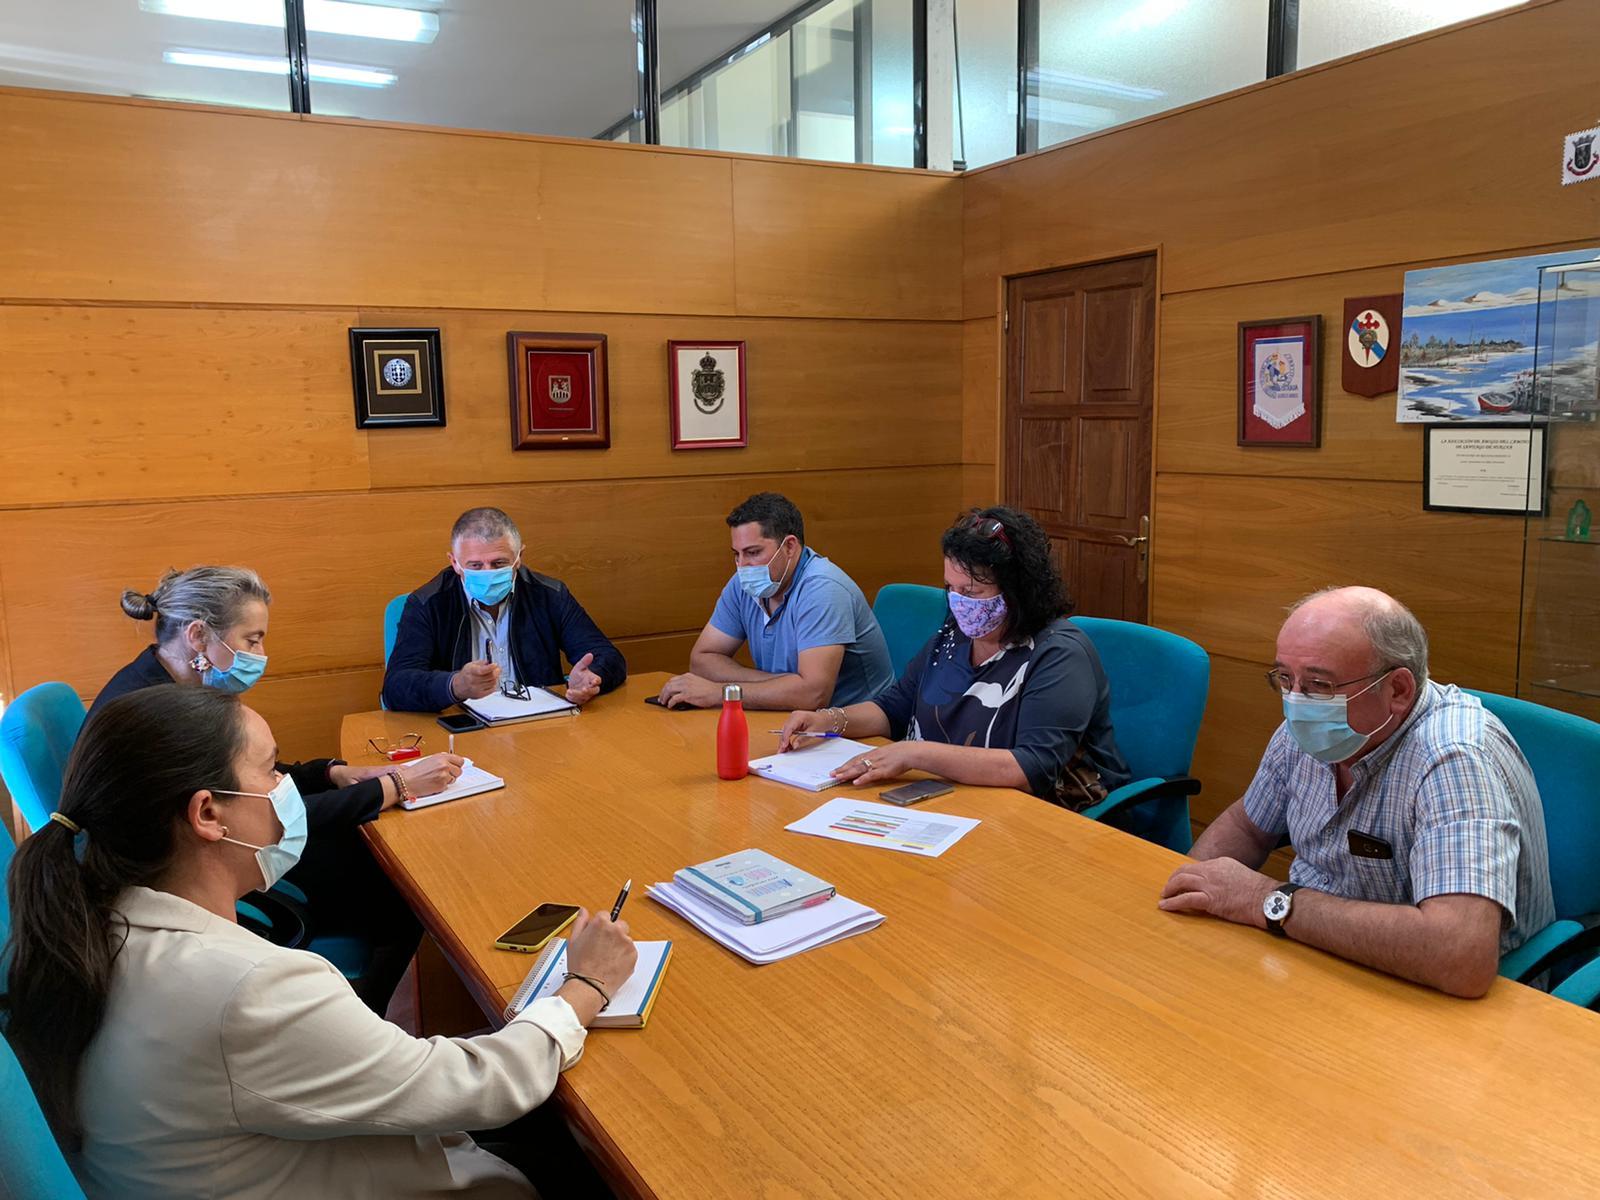 O Concello de Silleda xa conta cun protocolo para as instalacións municipais onde están previstas actividades nos vindeiros meses